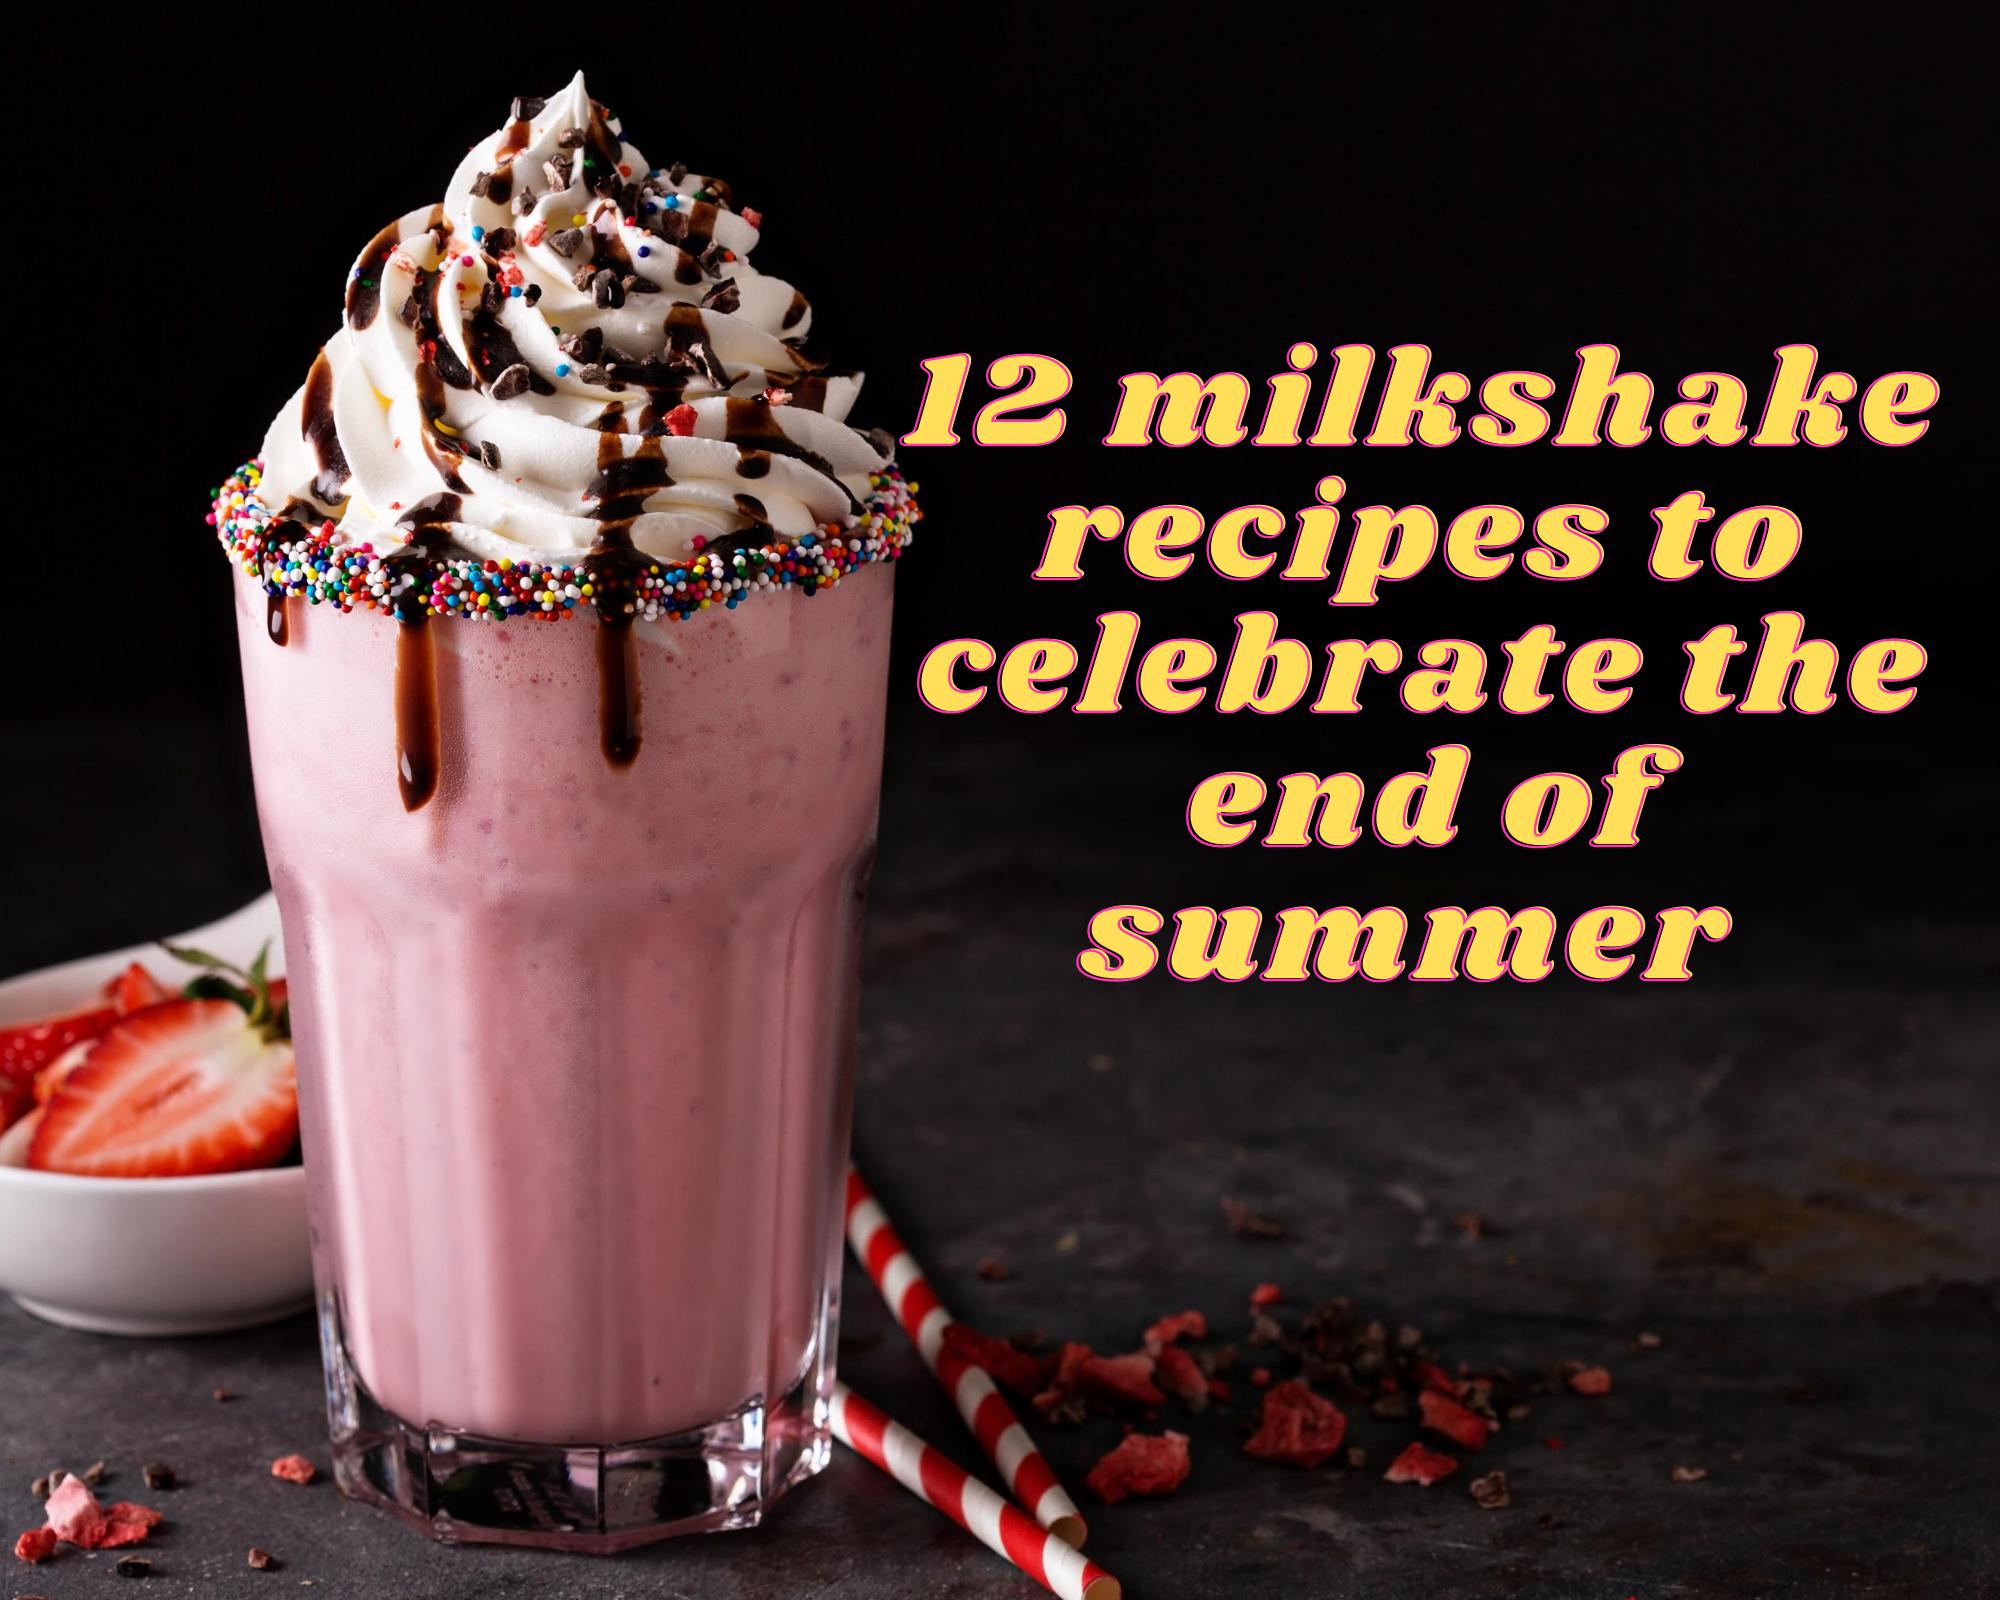 Strawberry milkshake with whipped cream